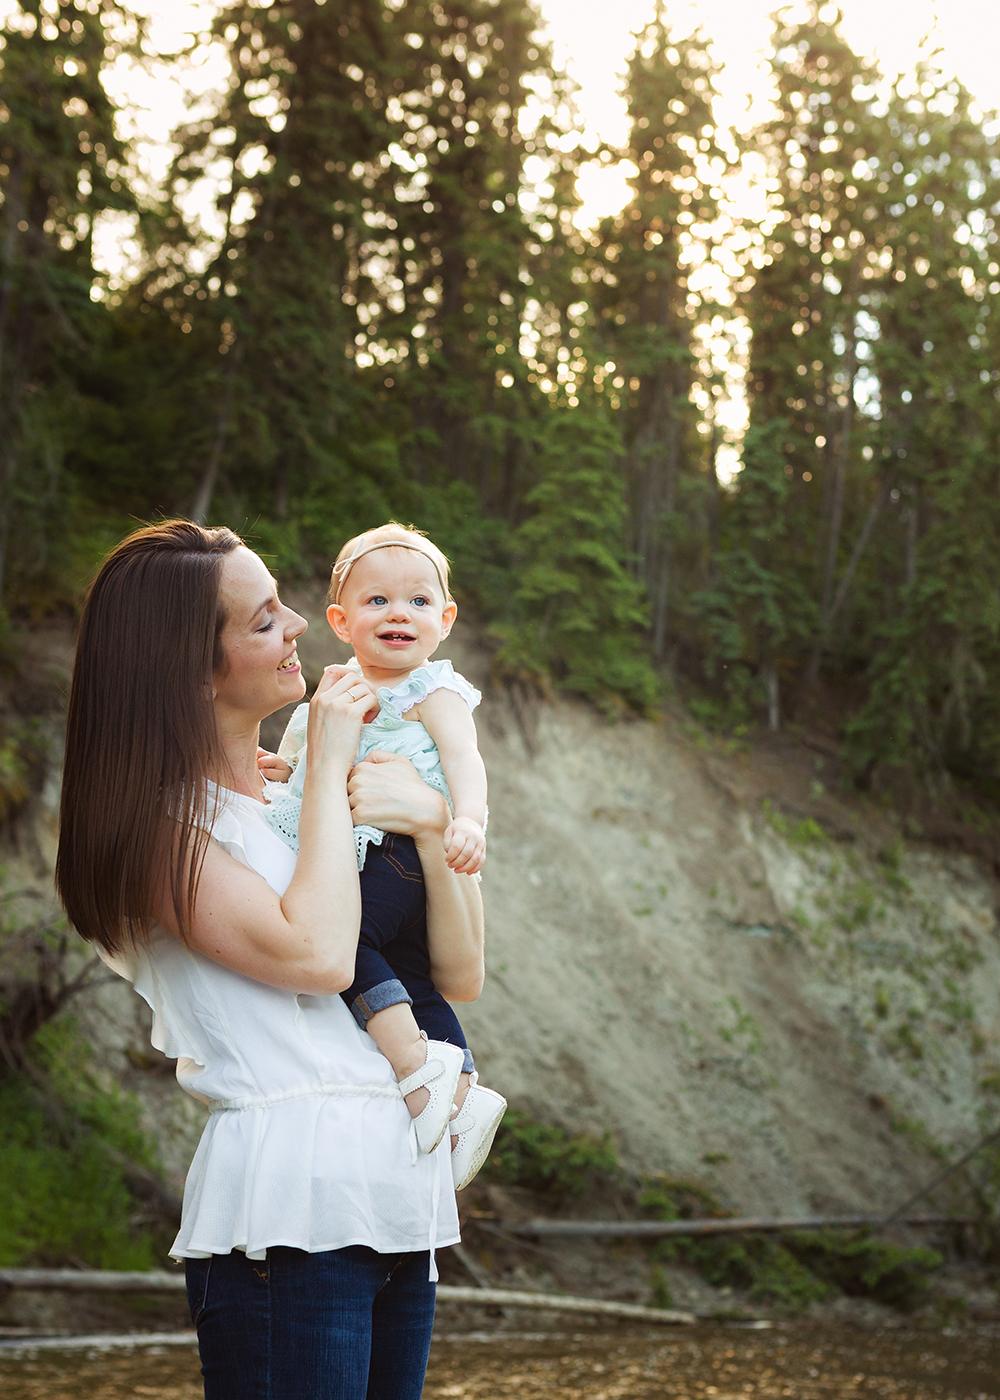 Edmonton Family Photographer_Stuart Family Sneak Peek 3.jpg